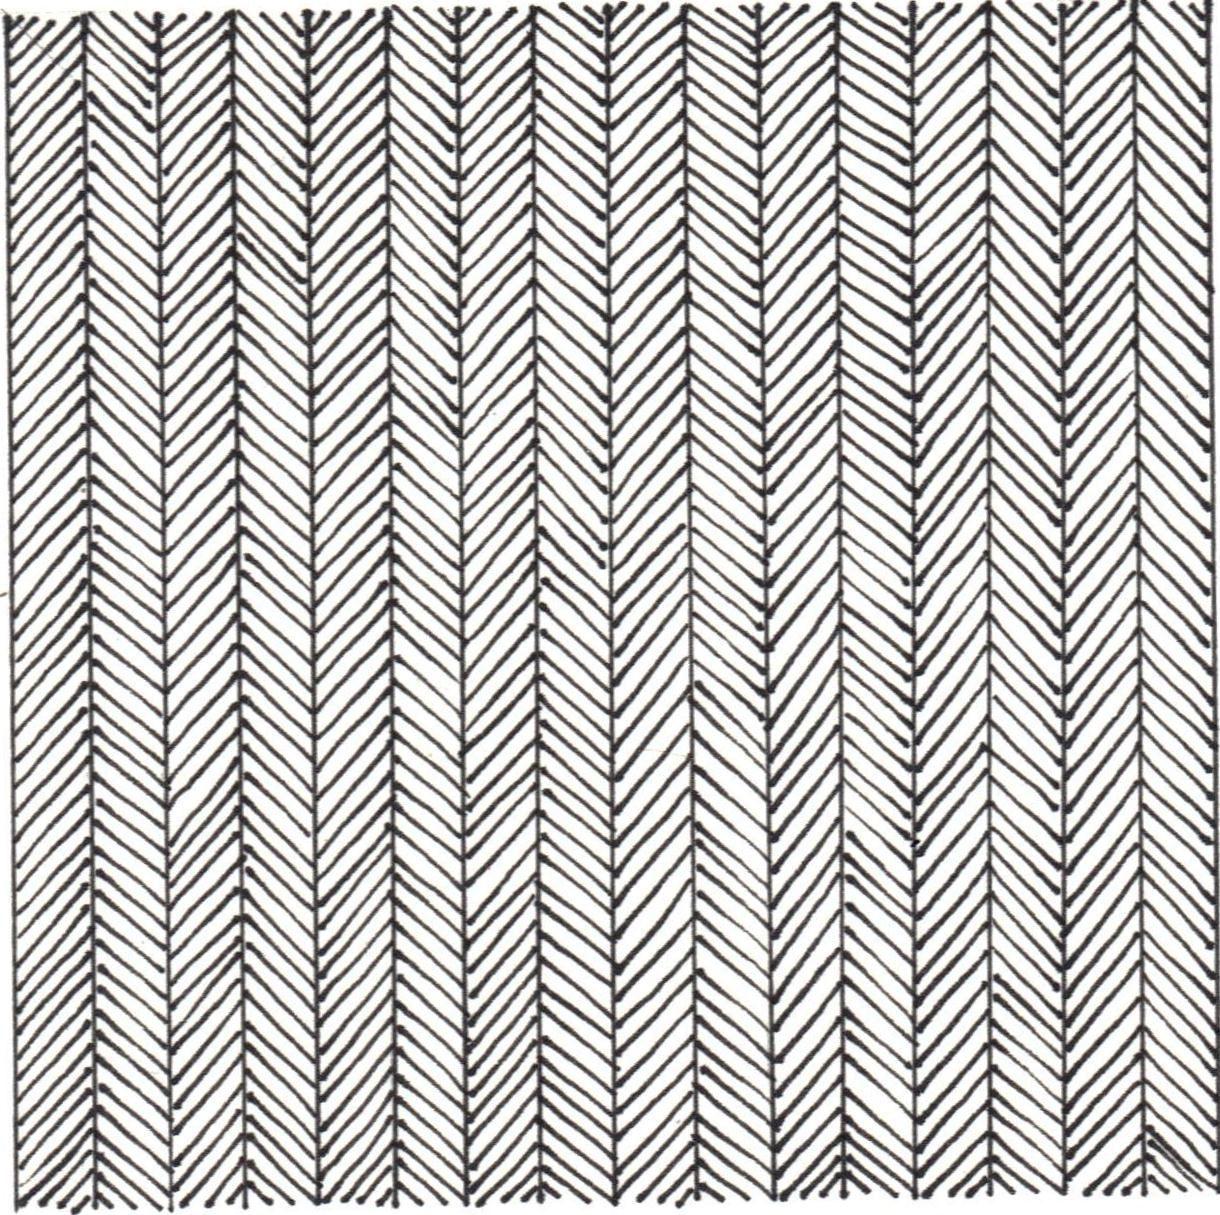 Wallpaper Tumblr Patterns